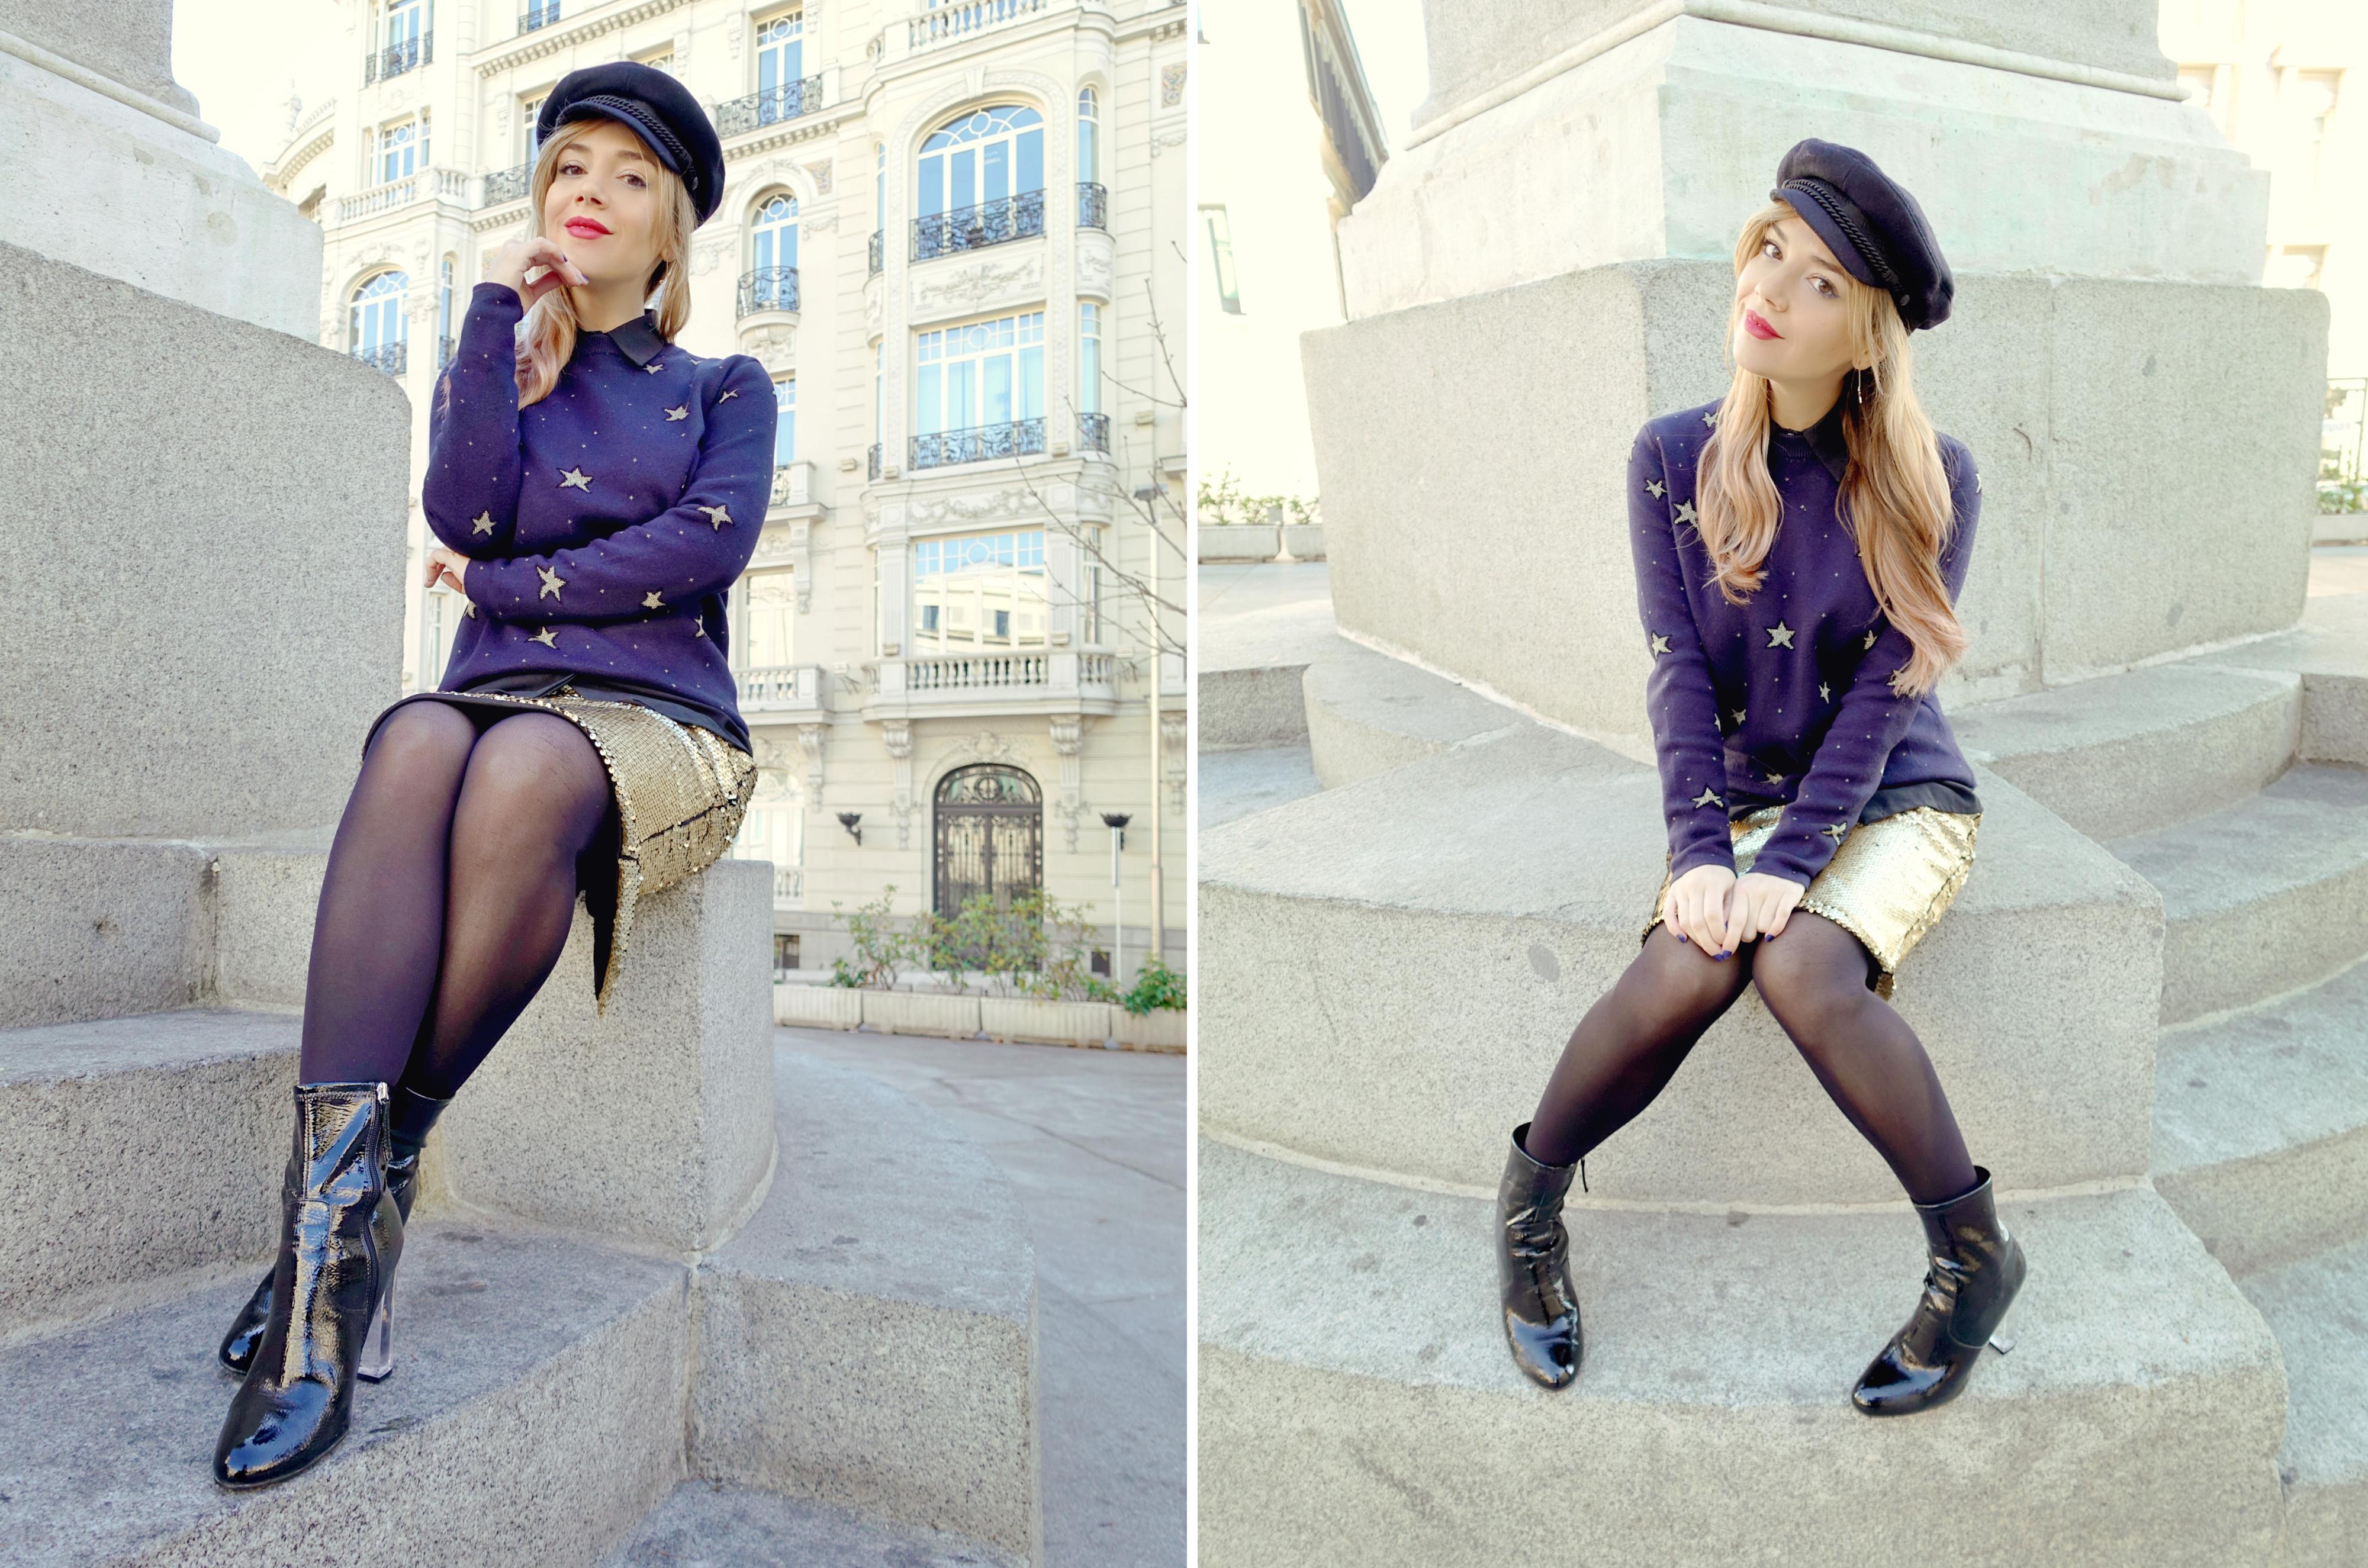 Blog-de-moda-fashionista-Madrid-ChicAdicta-jersey-de-estrellas-amichi-Chic-Adicta-falda-dorada-bijou-brigitte-earrings-PiensaenChic-Piensa-en-Chic